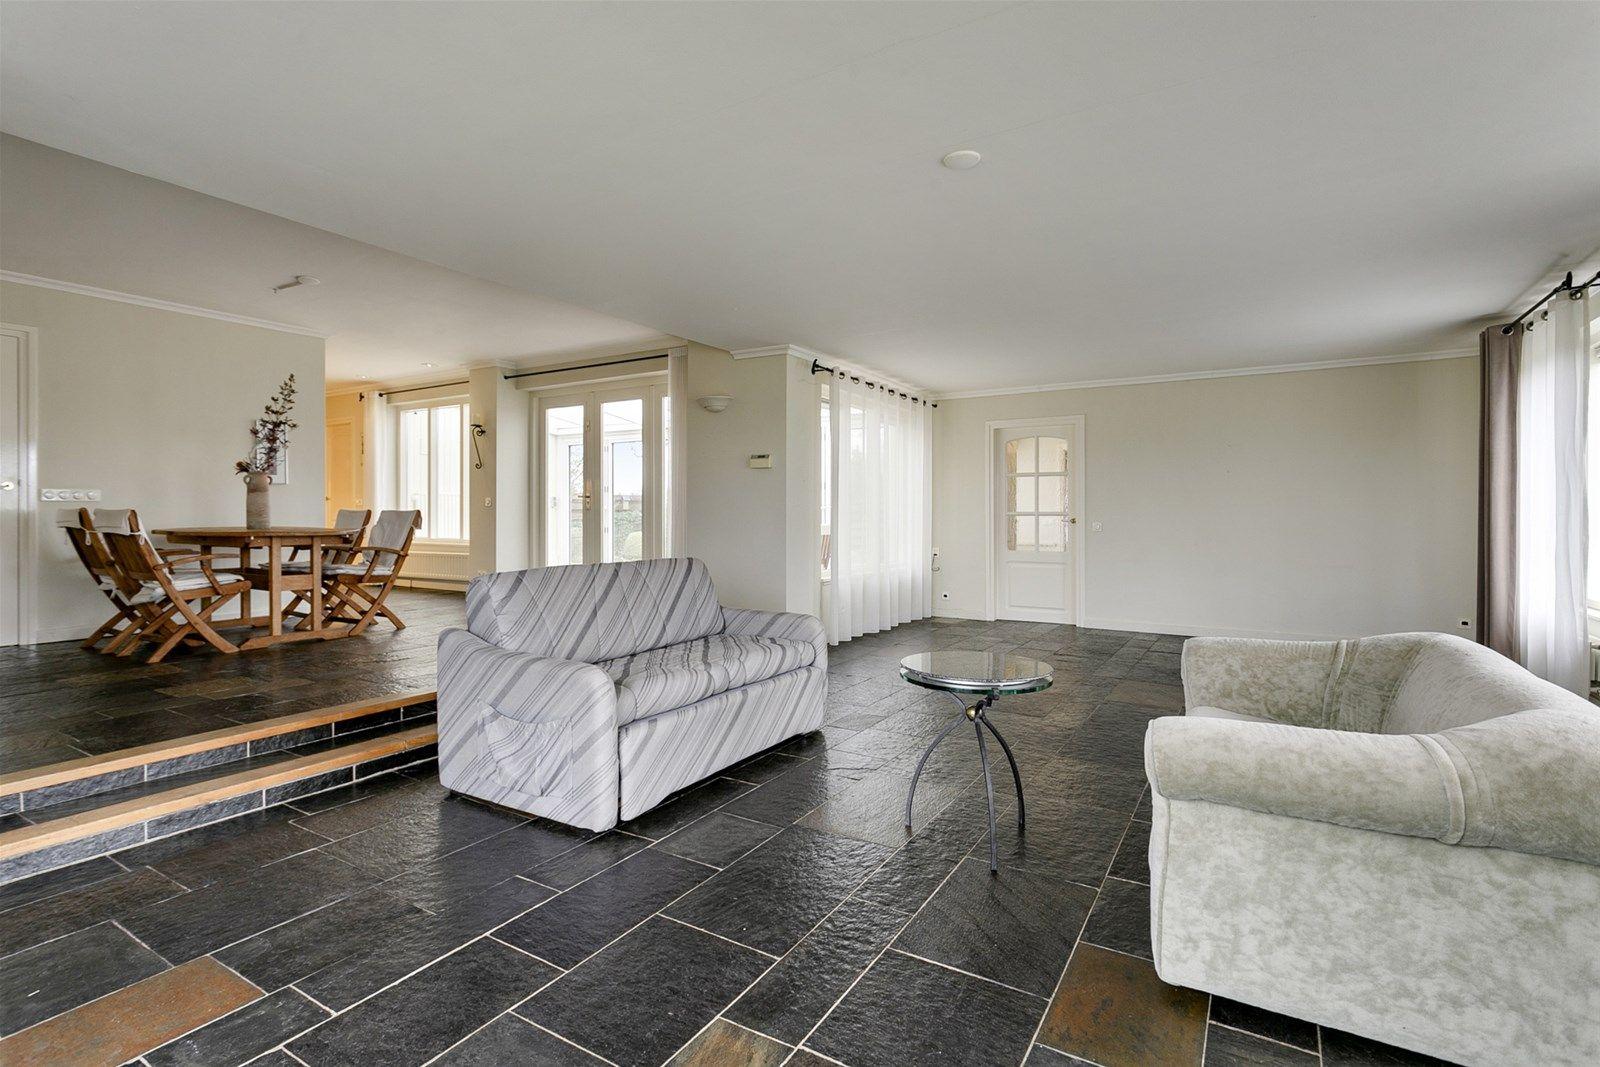 Deze riante semi- bungalow met inpandige garage, vrijstaande schuur en fraai aangelegde tuin is gelegen in een groenrijke omgeving op een mooie locatie in het buitengebied van Hoeven. Op korte afstand bereikt u natuurgebied -Pagnevaart- met schitterende wandel, fiets– en ruiterpaden en diverse uitvalswegen naar Etten-Leur, Breda, Roosendaal en Bergen op Zoom.   De begane grond heeft een zeer ruime living met erker, een open keuken, een serre en een praktische bijkeuken. De eerste verdieping heeft drie slaapkamers en een doucheruimte. Rondom de woning ligt een verzorgd aangelegde tuin waarbij u in alle rust - ruimte kunt genieten van het buitenleven!   BEGANE GROND Entree/hal met directe toegang tot de toilet, living, keuken en trapopgang naar de eerste verdieping.  Afwerking- Noorse leisteenvloer, spuitwerk wanden en een spuitwerk plafond.  Meterkast- 12 groepen, aardlekschakelaar en kookgroep.   Toiletruimte met -zwevend- closet en fonteintje.  Afwerking- tegelvloer, betegelde wanden en een spuitwerk plafond met spotverlichting.   Royale living waarbij het eetgedeelte zich op een hoger niveau bevindt. Via een openslaande deur  (3 delen) heeft u toegang tot de serre en middels een openslaande deur bereikt u de achtertuin.  Afwerking- Noorse leisteenvloer,, stucwerk wanden en een stucwerk plafond.   Open keuken uitgerust met een Italiaans hardstenen aanrechtblad, 1 ¼ spoelbak, keramische kookplaat, koelkast, vaatwasser, close-in boiler, apothekerskast en afzuigkap. De ruimte geeft toegang tot de  bijkeuken.  Afwerking- Noorse leisteenvloer, stucwerk wanden en een stucwerk plafond.   Praktische bijkeuken met stortbak en toegang tot de serre, keuken en garage.  Afwerking- tegelvloer, deels stucwerk en deels wit geverfde houten schroten wanden en plafond.   Fraaie serre met openslaande deuren (6 delen). Deze ruimte kan helemaal open en het behoort tevens tot de mogelijkheid om hier een veranda te realiseren.   Doorgang met vaste kast voorzien van opstelling van de cv co